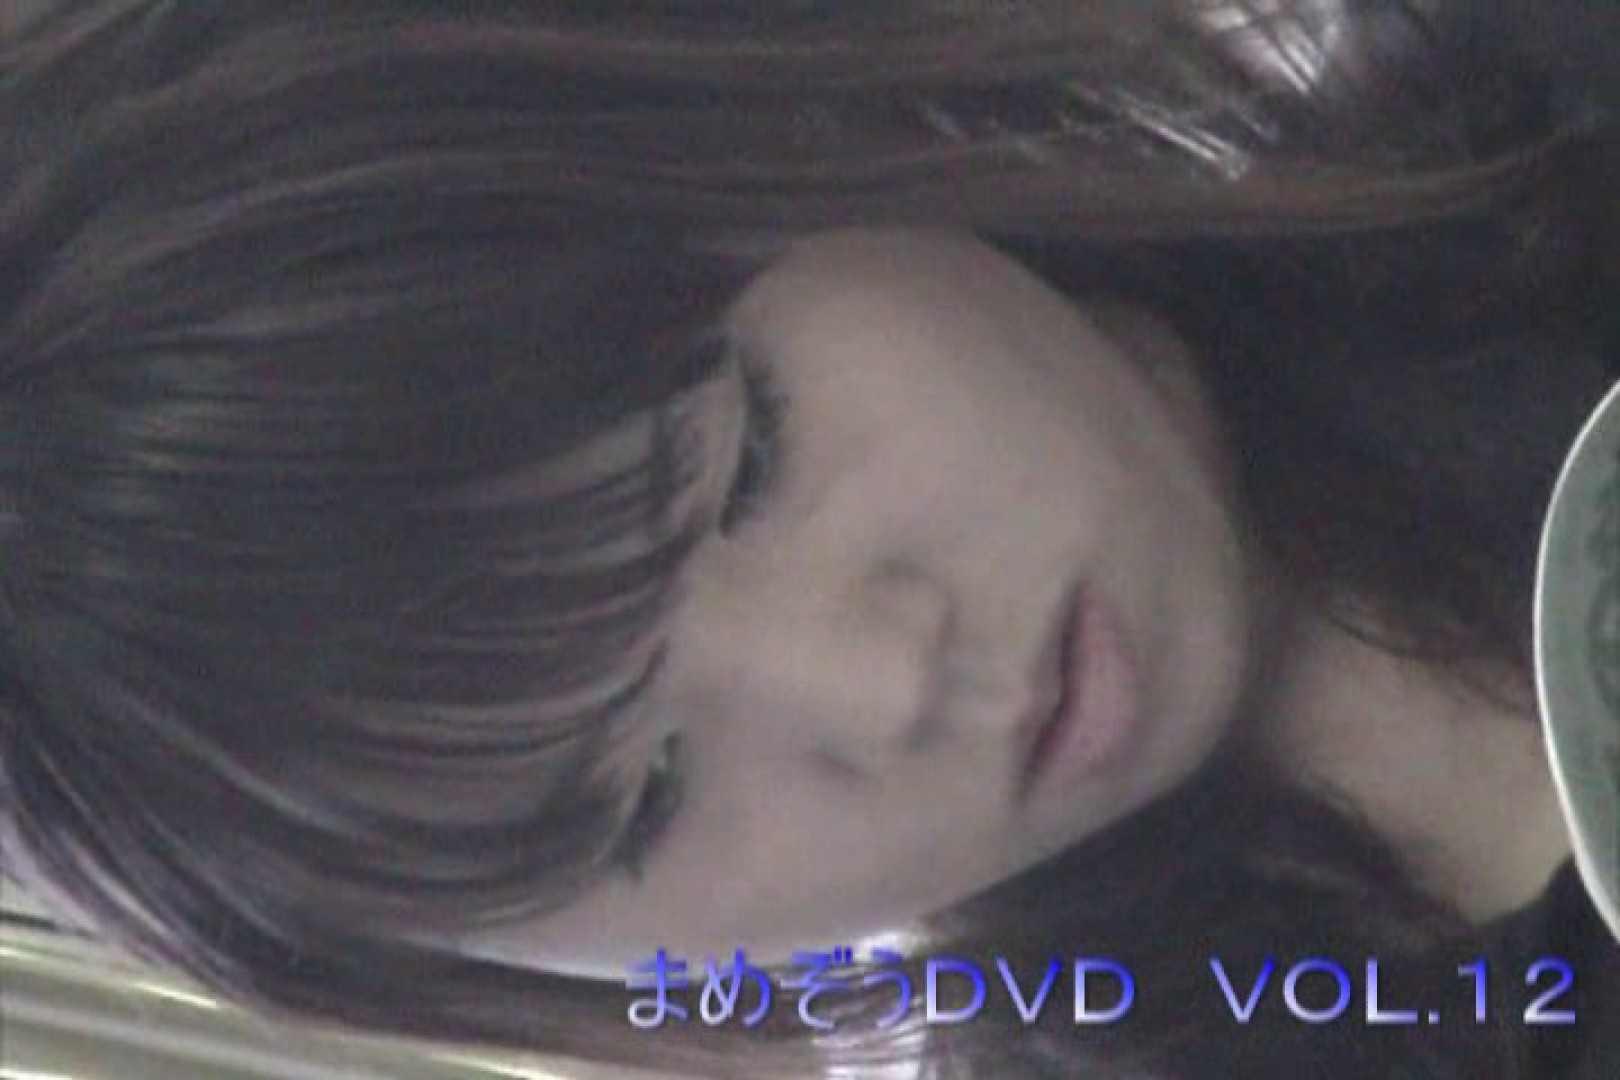 盗撮AV:まめぞうDVD完全版VOL.12:怪盗ジョーカー